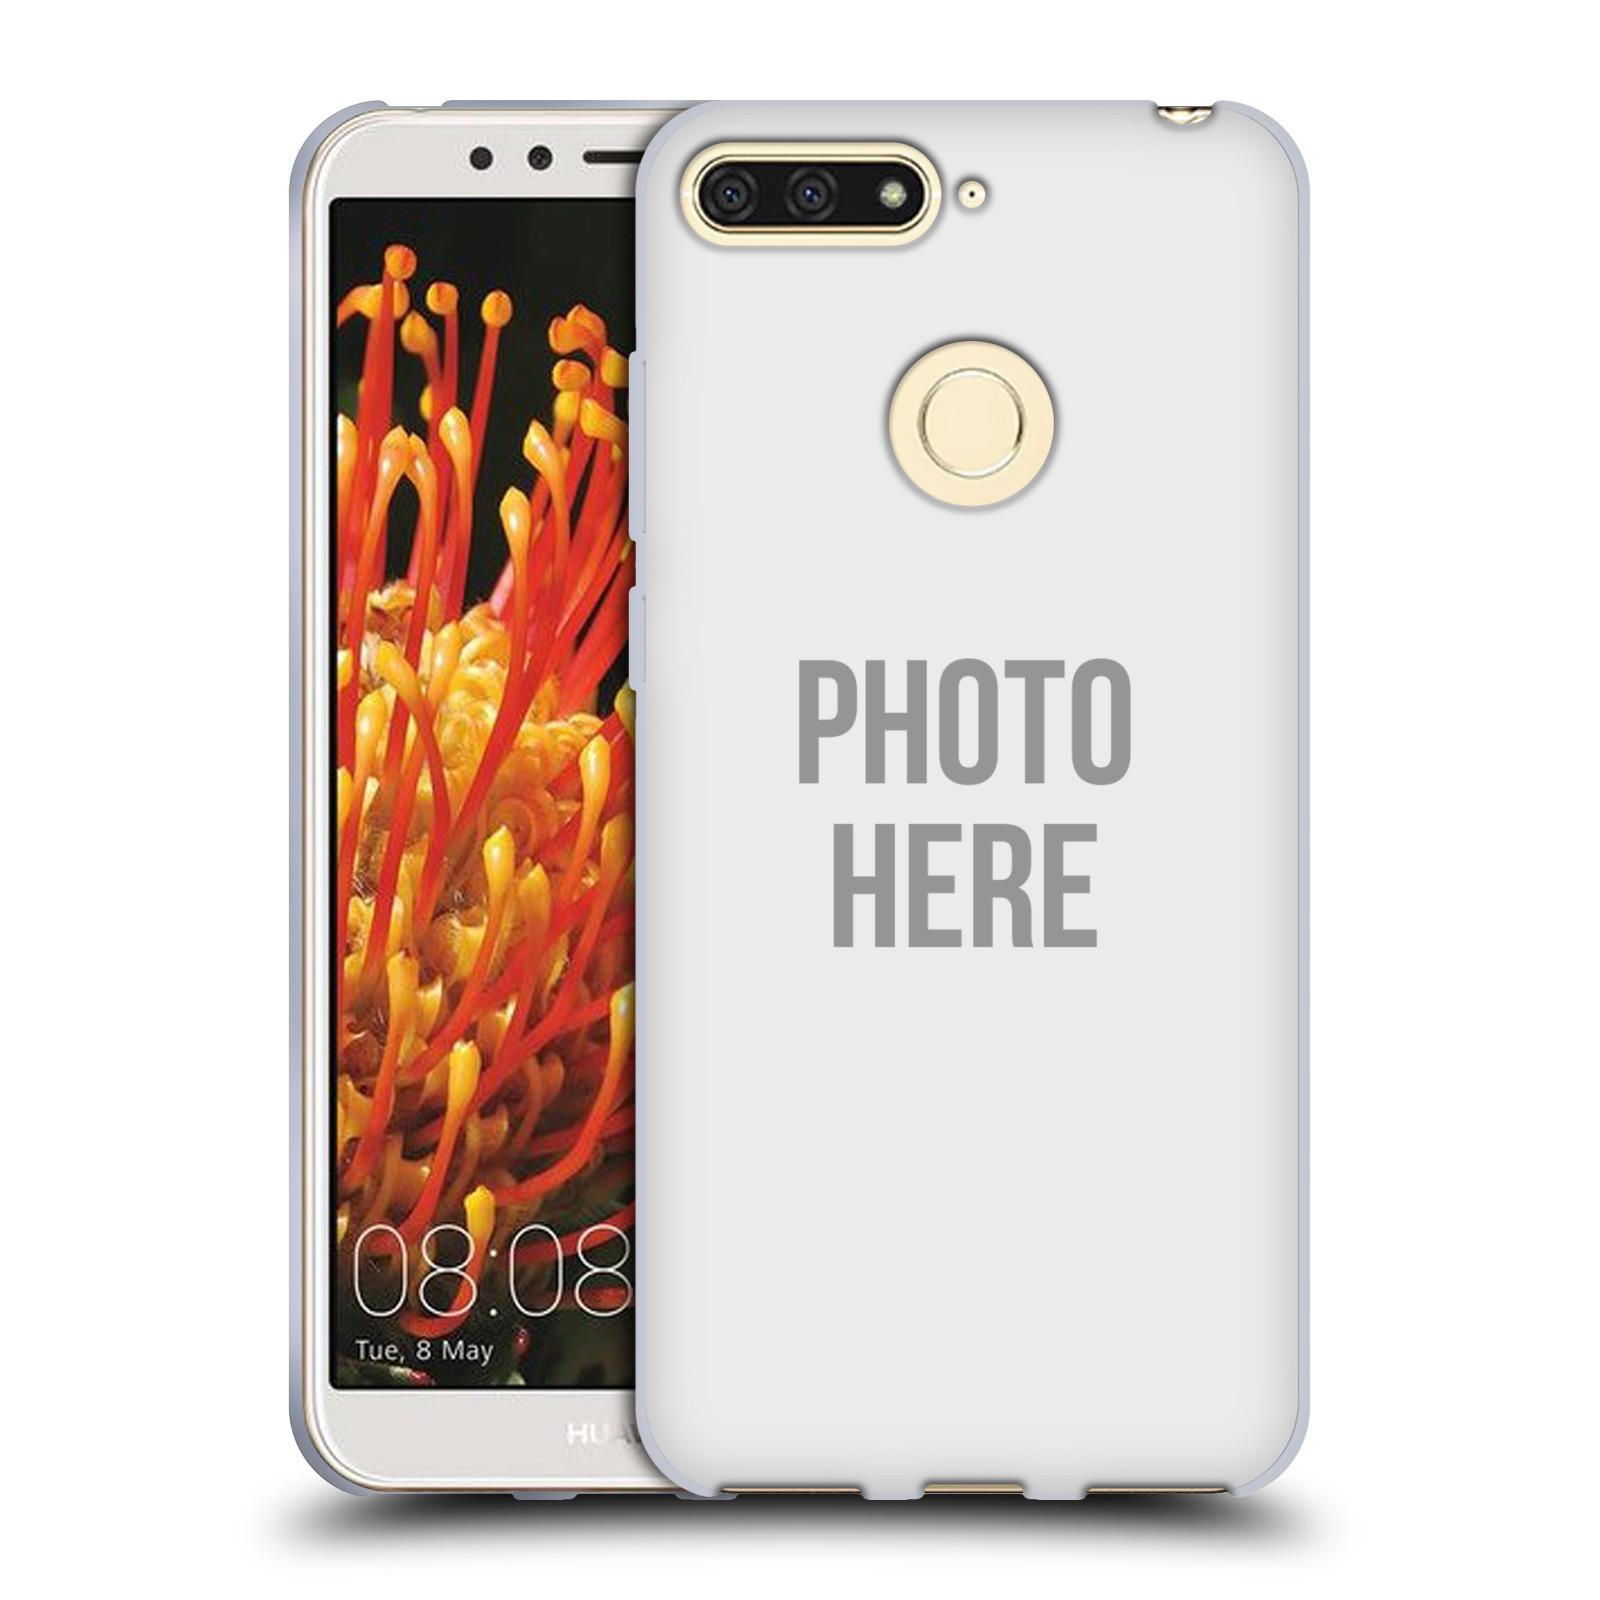 Silikonové pouzdro na mobil Huawei Y6 Prime (2018) - Head Case - s vlastním motivem